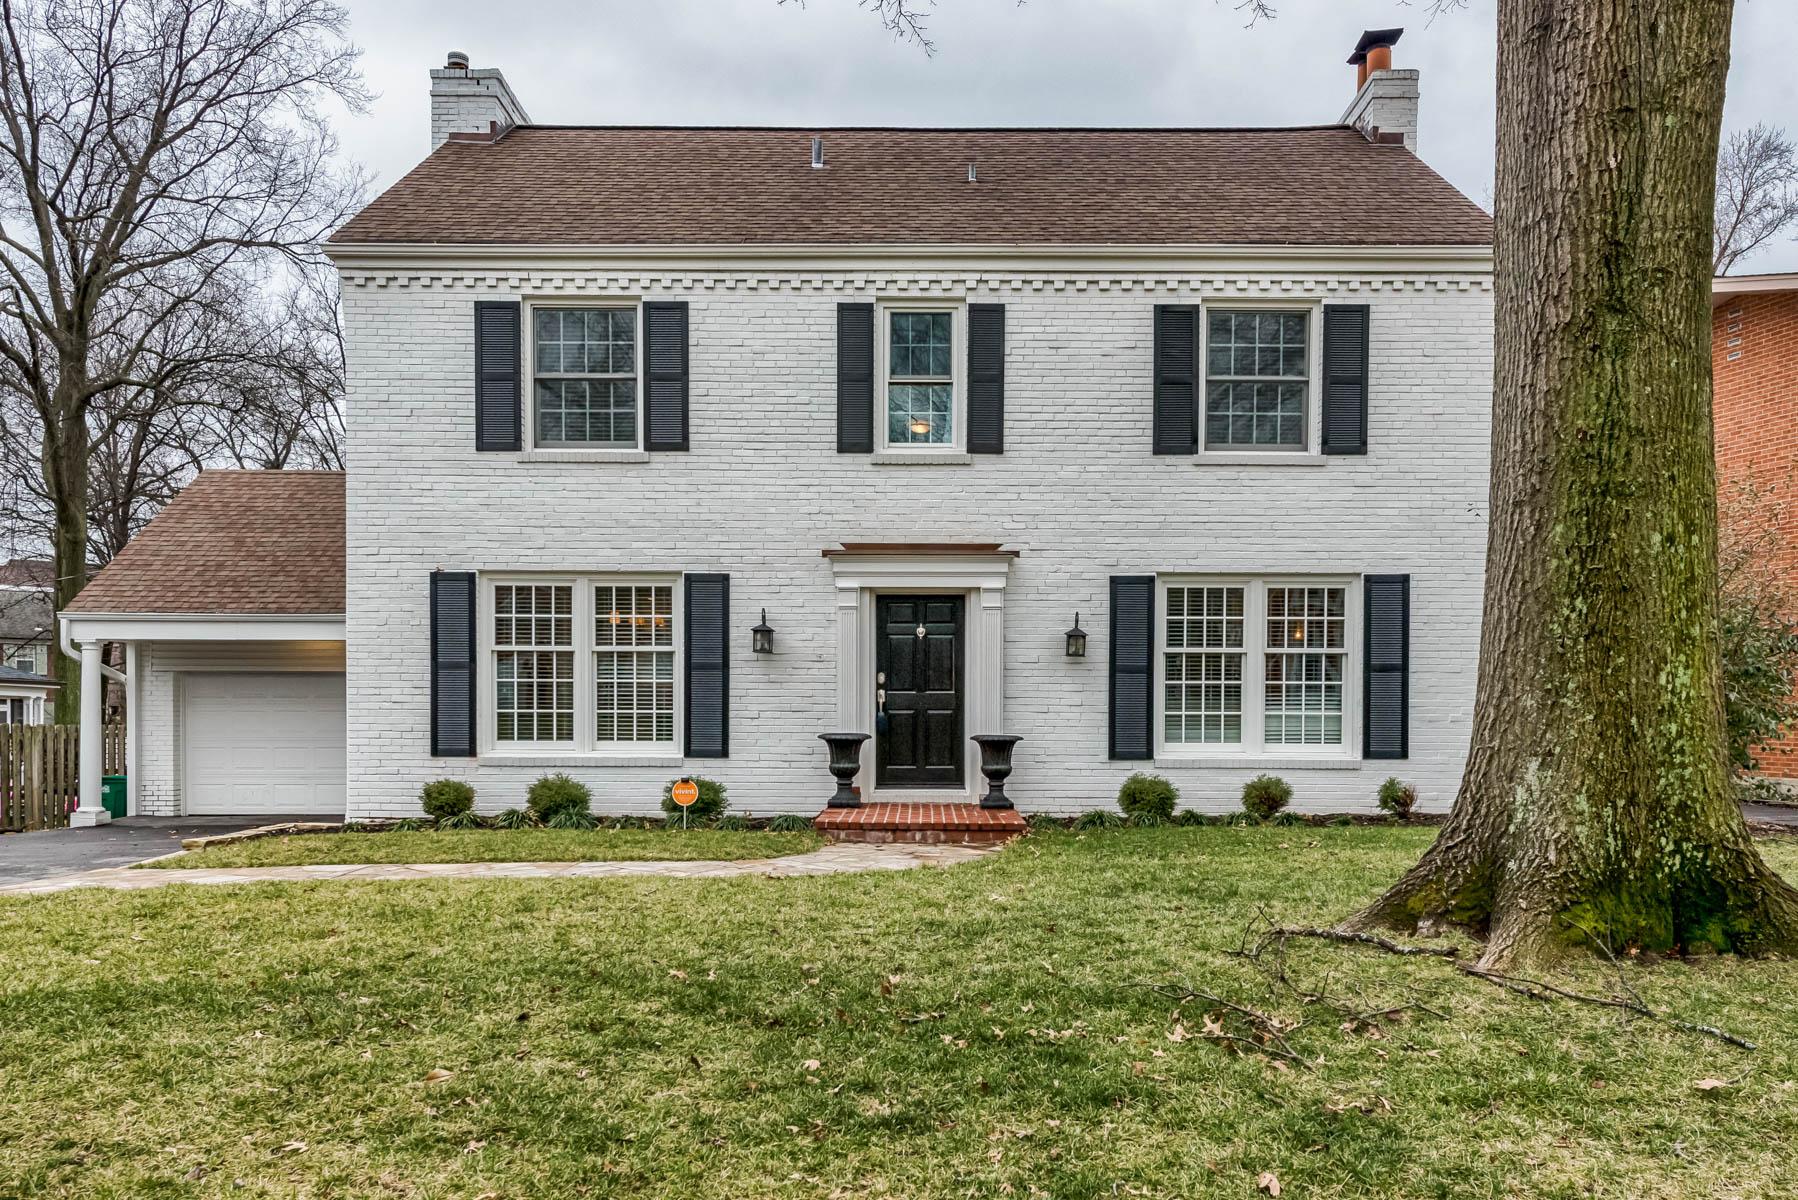 Maison unifamiliale pour l Vente à Crescent 8016 Crescent Drive Clayton, Missouri 63105 États-Unis